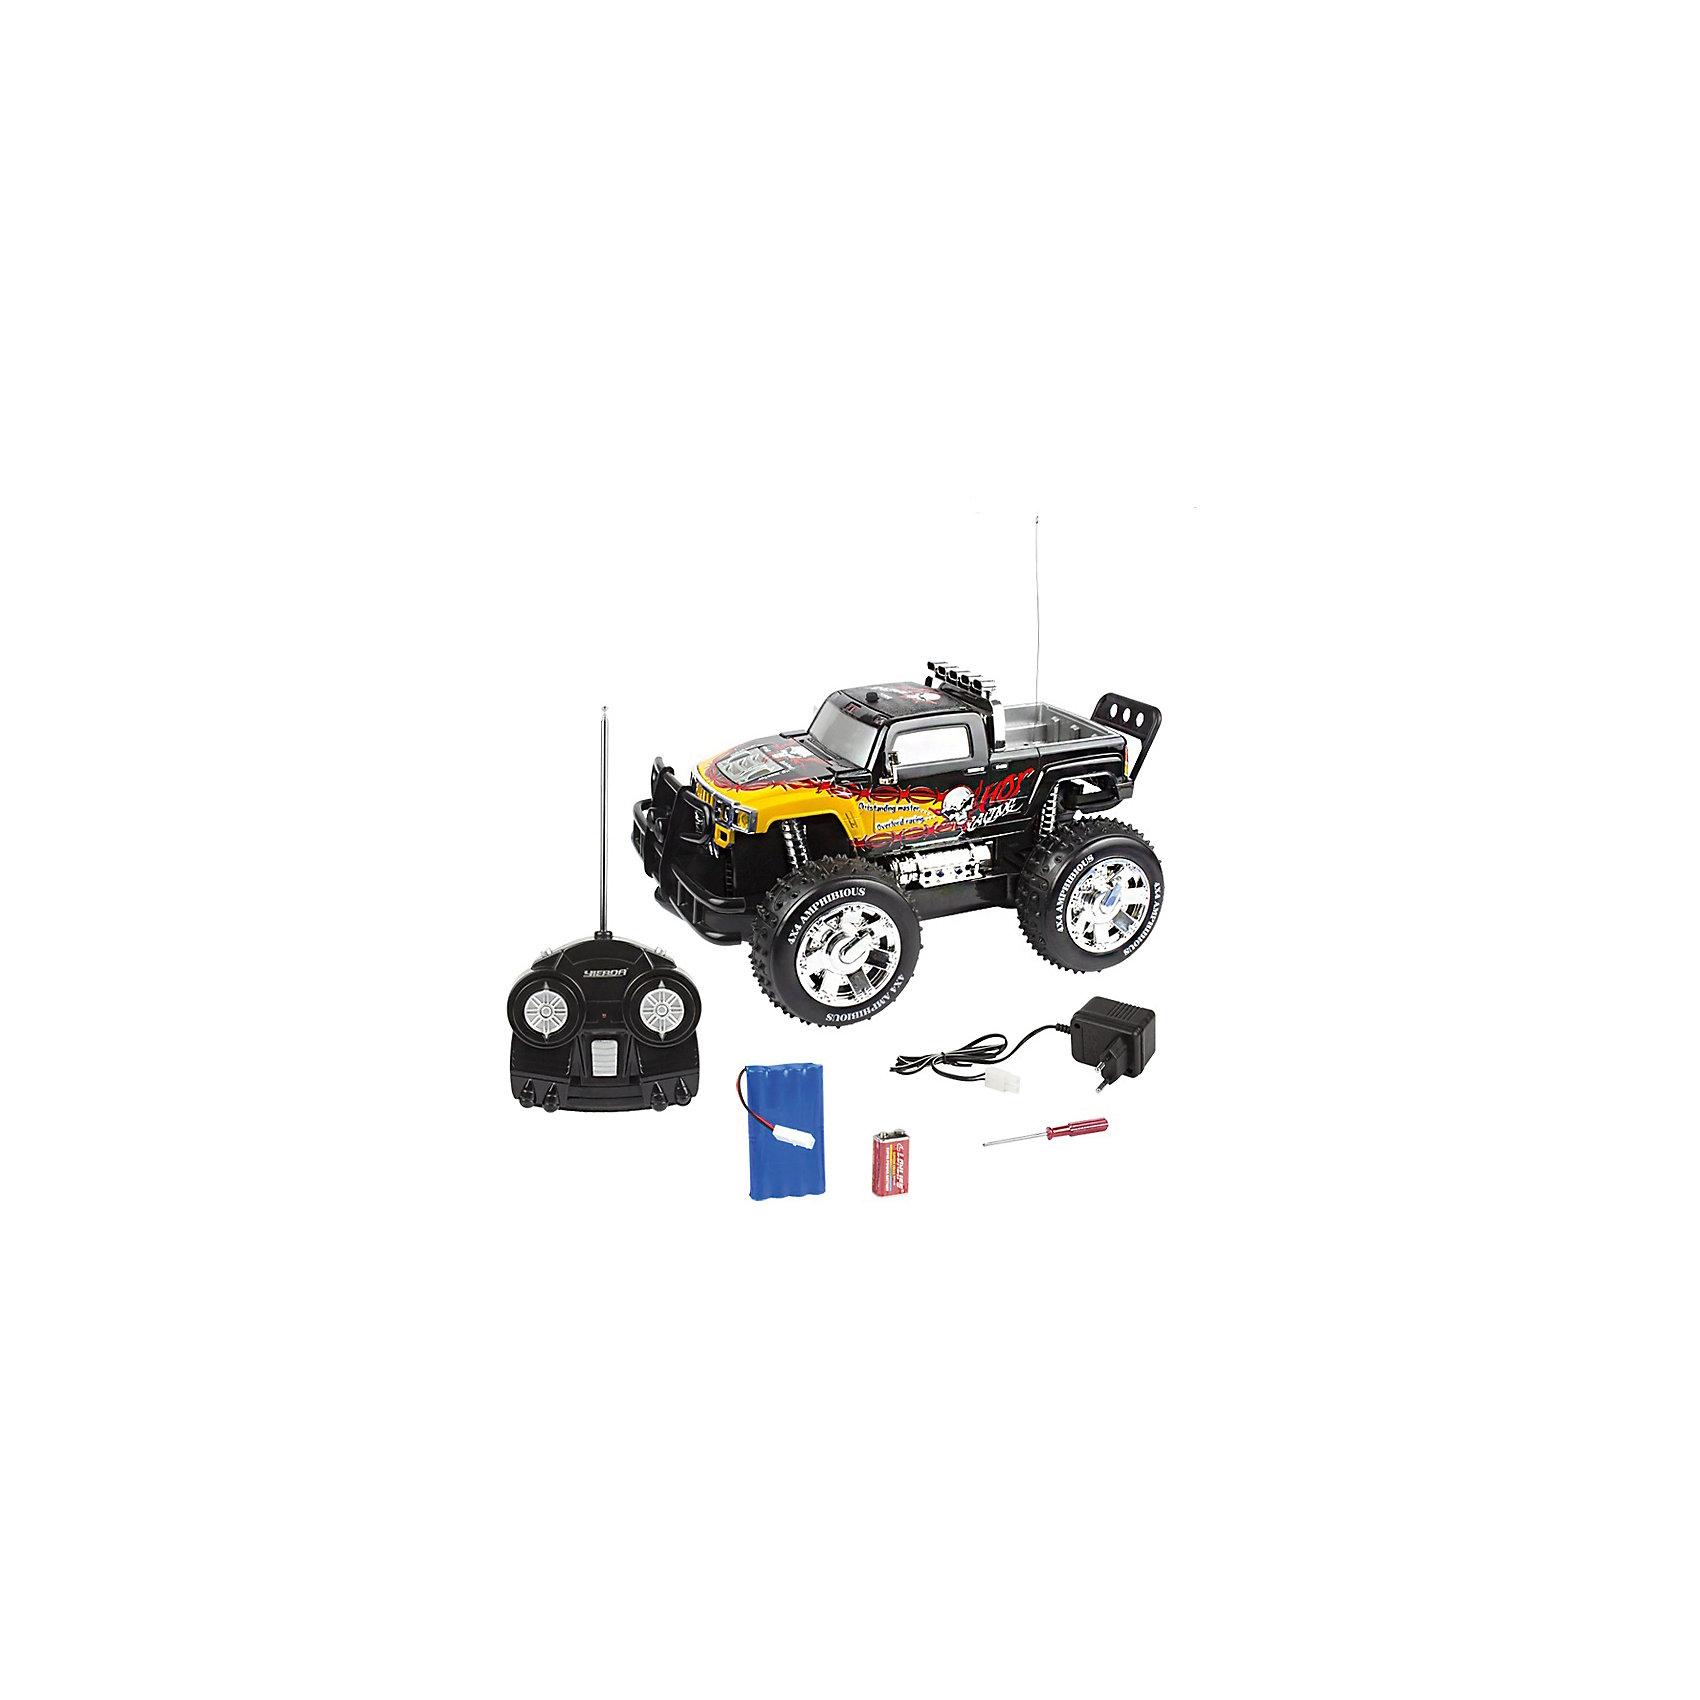 Машина-амфибия Тайфун-38, со светом, звуком, на радиоуправлении, Mioshi ArmyМашинки<br>Ни один мальчишка не останется равнодушным к многофункциональному автомобилю на пульте управления. Подарите Вашему ребёнку машину-амфибию от Mioshi Tech, и она надолго станет его самой любимой игрушкой!<br>Этот мощный внедорожник яркой расцветки с ударопрочным корпусом может передвигаться как по суше, так и по воде! Автомобиль развивает скорость до 10 км/ч и вращается на 360 градусов. Световые эффекты и звуковое сопровождение делают игру ещё более впечатляющей и незабываемой.<br><br><br>Дополнительная информация:<br><br>Частота: 27,145 МГц<br>Размер: 38 см<br>В комплект входят: пульт управления, зарядное устройство, отвёртка, все необходимые батарейки (Крона) и инструкция.<br>Двигается по воде и бездорожью<br>Защита от влаги<br><br>Машину-амфибию Тайфун-38, со светом, звуком, на радиоуправлении, Mioshi Army  можно купить в нашем магазине.<br><br>Ширина мм: 500<br>Глубина мм: 255<br>Высота мм: 240<br>Вес г: 4600<br>Возраст от месяцев: 96<br>Возраст до месяцев: 1188<br>Пол: Мужской<br>Возраст: Детский<br>SKU: 4590213